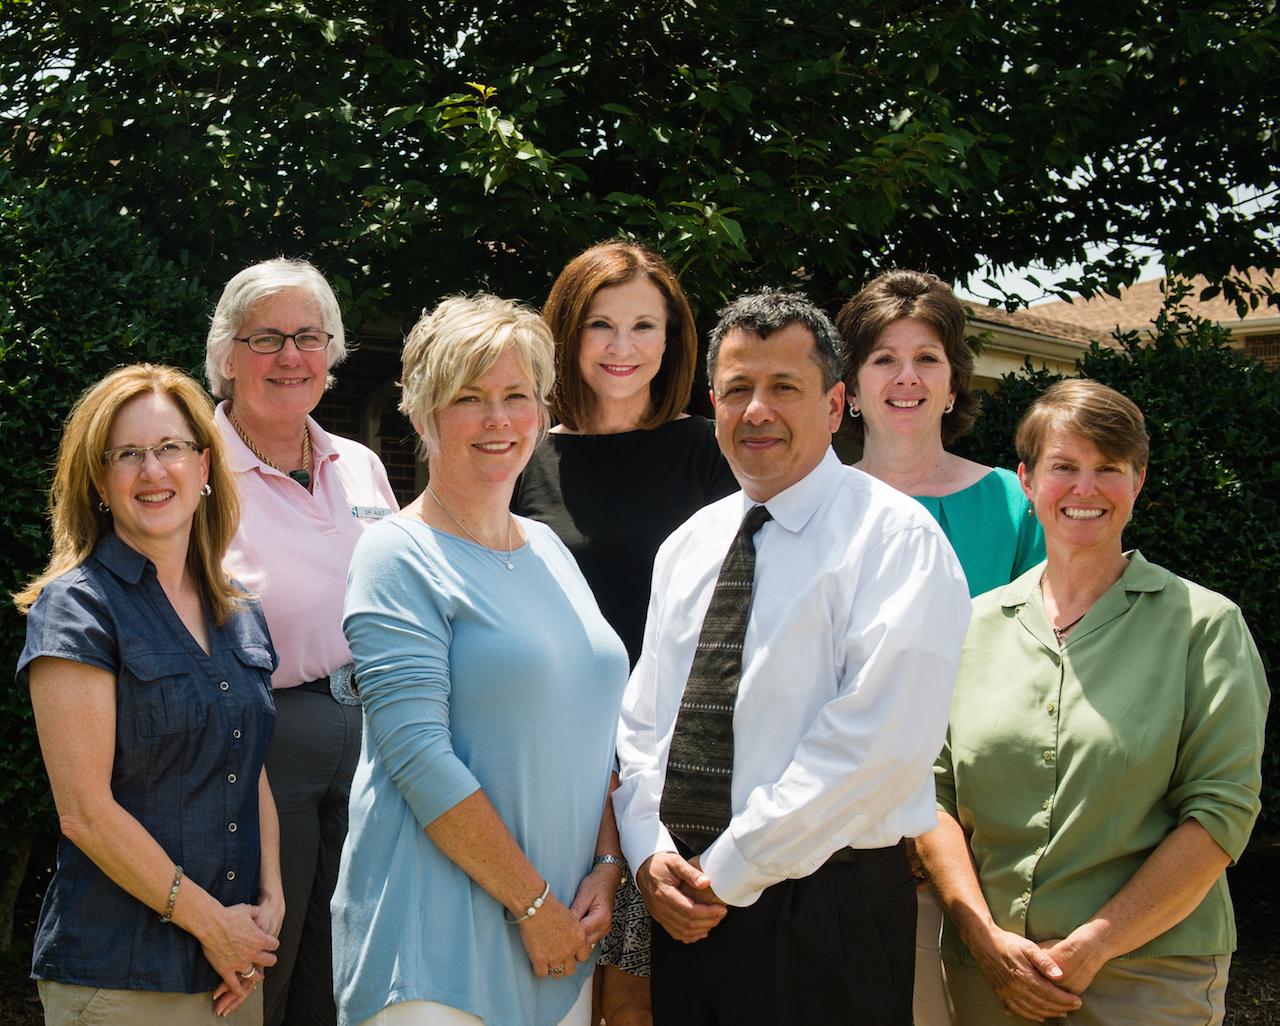 Meet the Team - Manassas, Virginia  Manassas Pediatrics